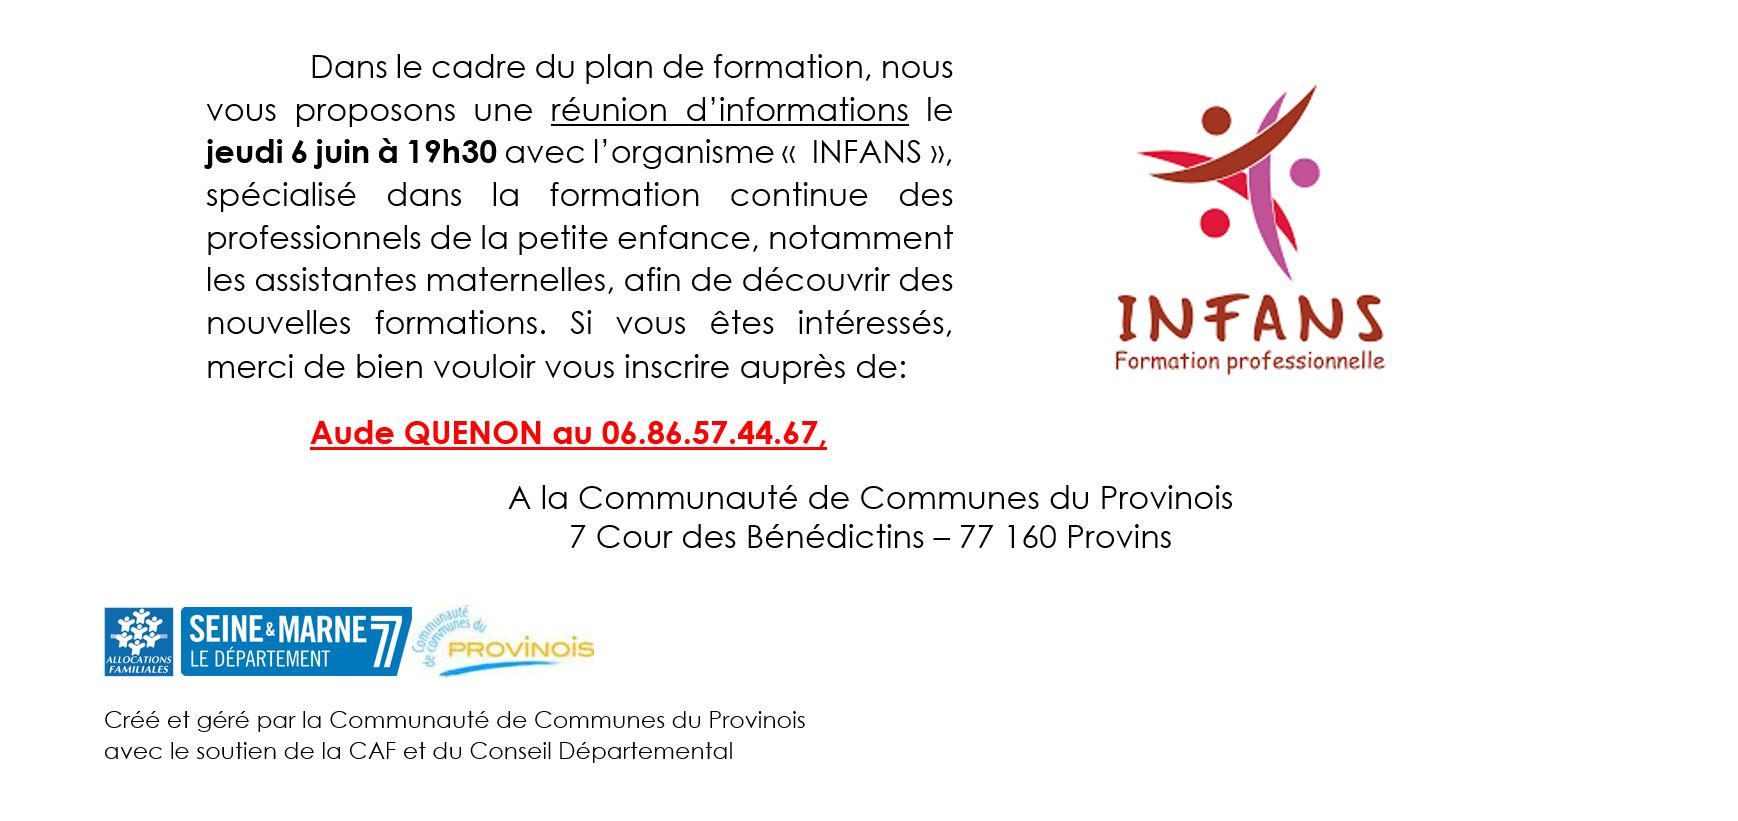 Réunion d'information avec l'organisme INFANS